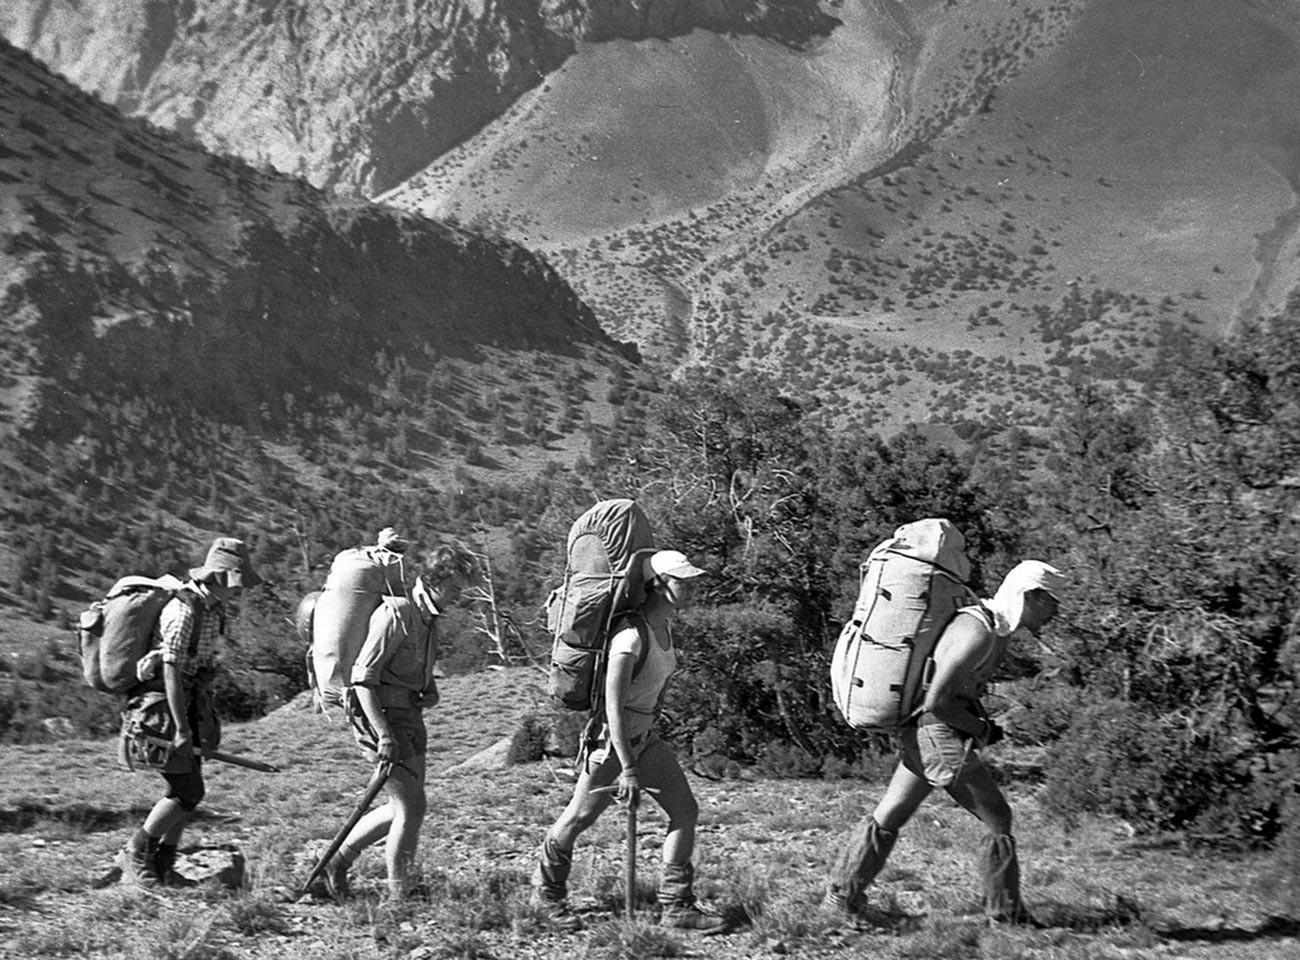 Советские альпинисты-походники в Памире, Таджикская ССР, 3 - 24 сентября 1986.